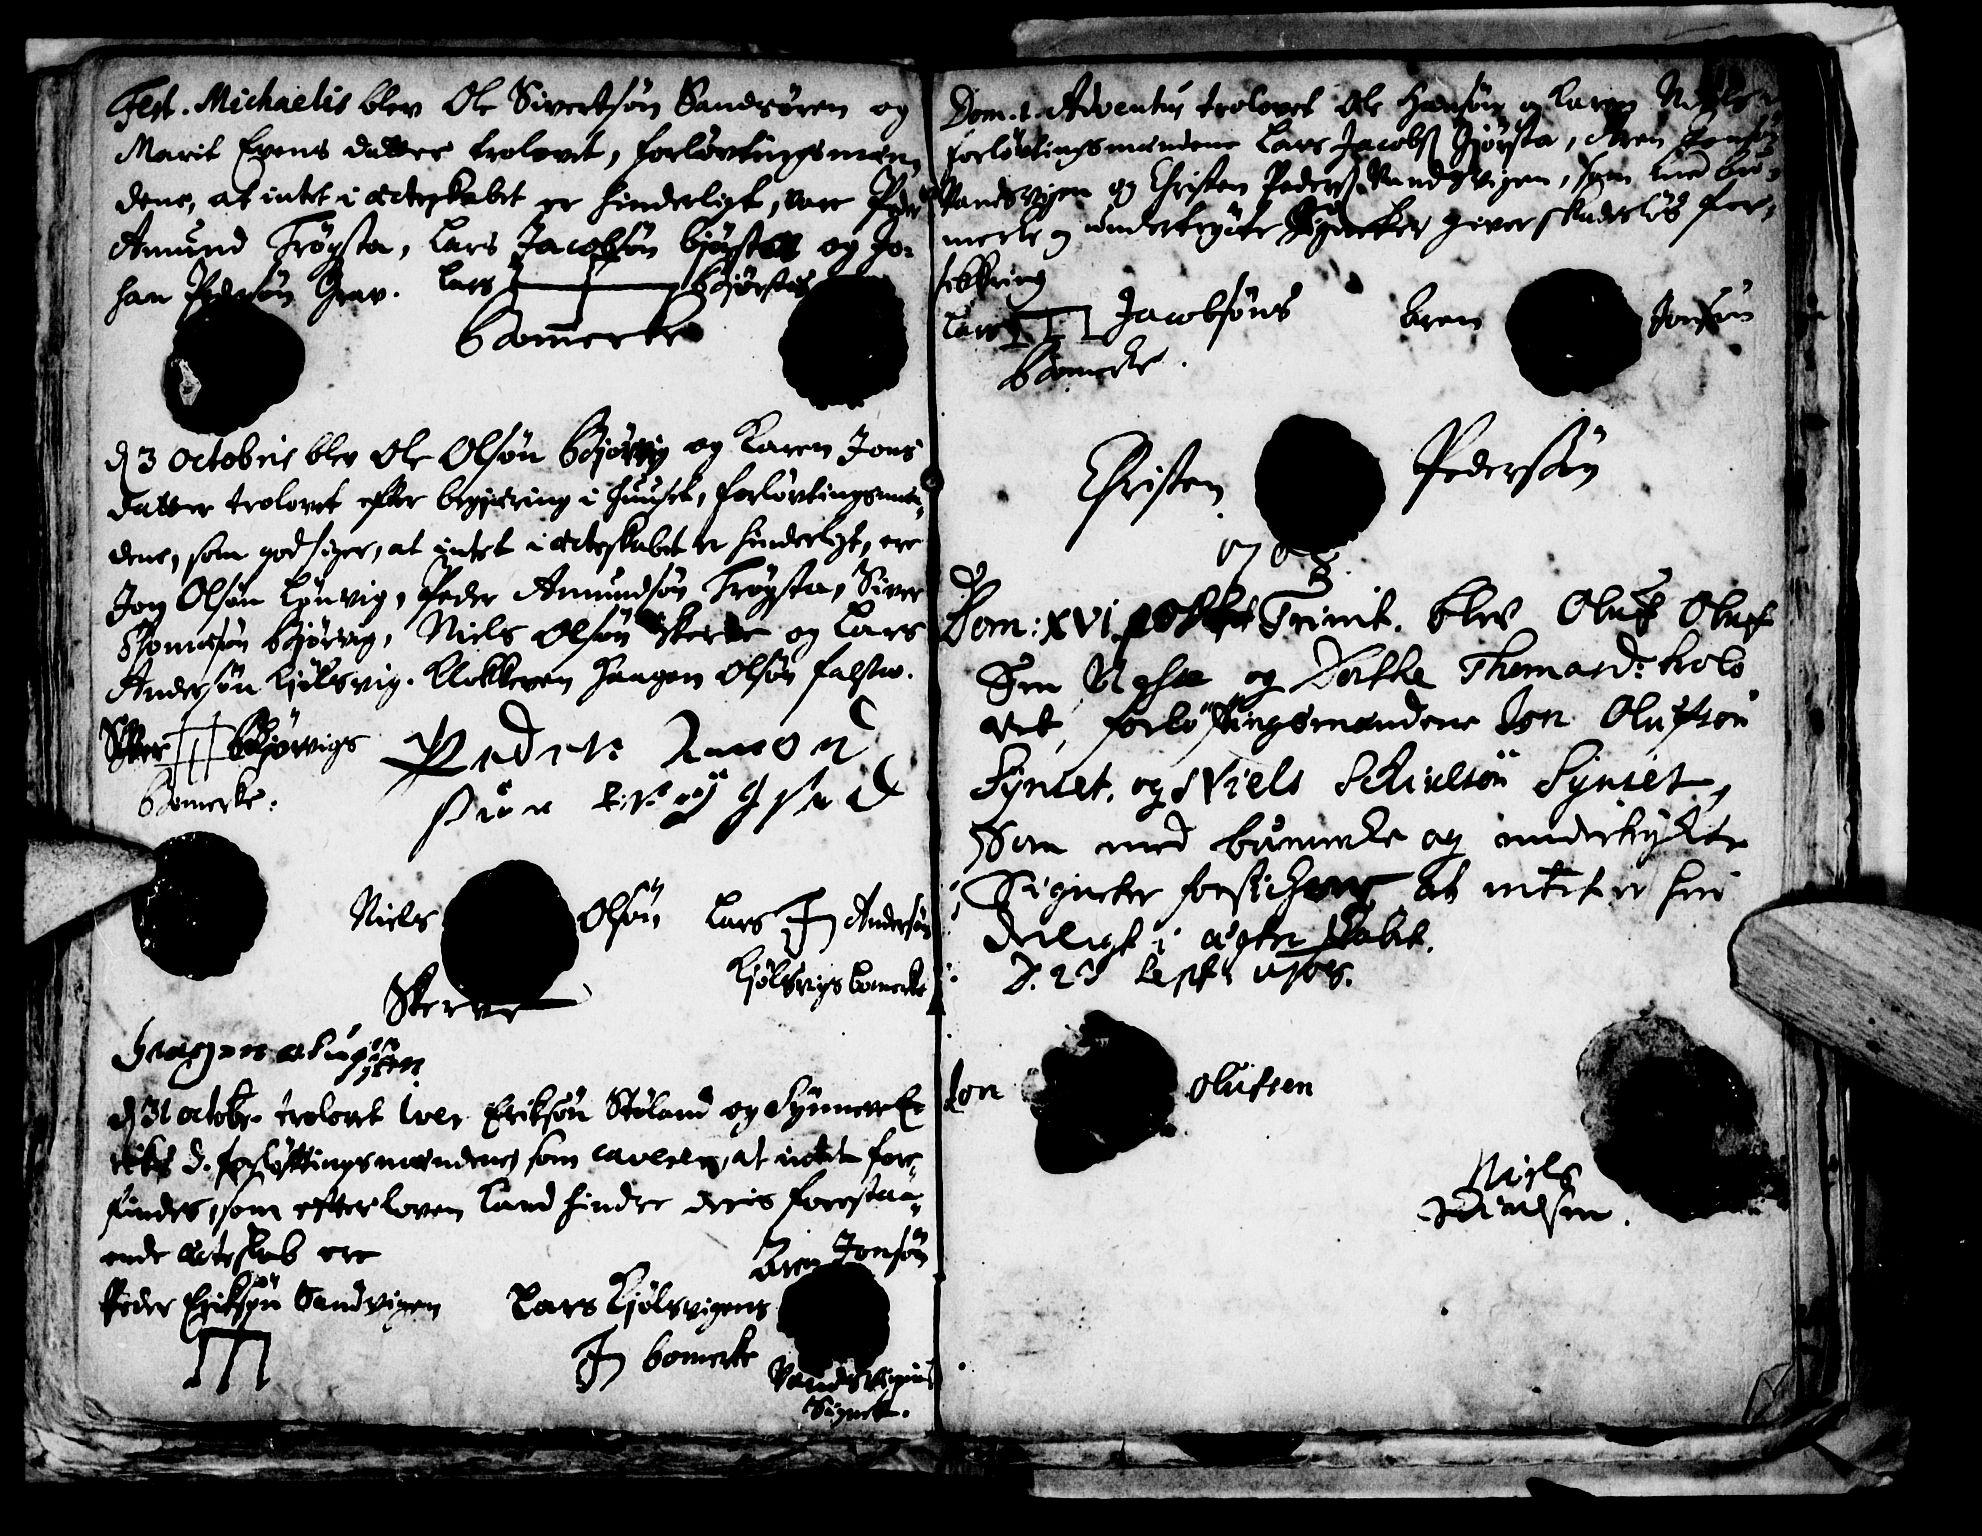 SAT, Ministerialprotokoller, klokkerbøker og fødselsregistre - Nord-Trøndelag, 722/L0214: Ministerialbok nr. 722A01, 1692-1718, s. 110